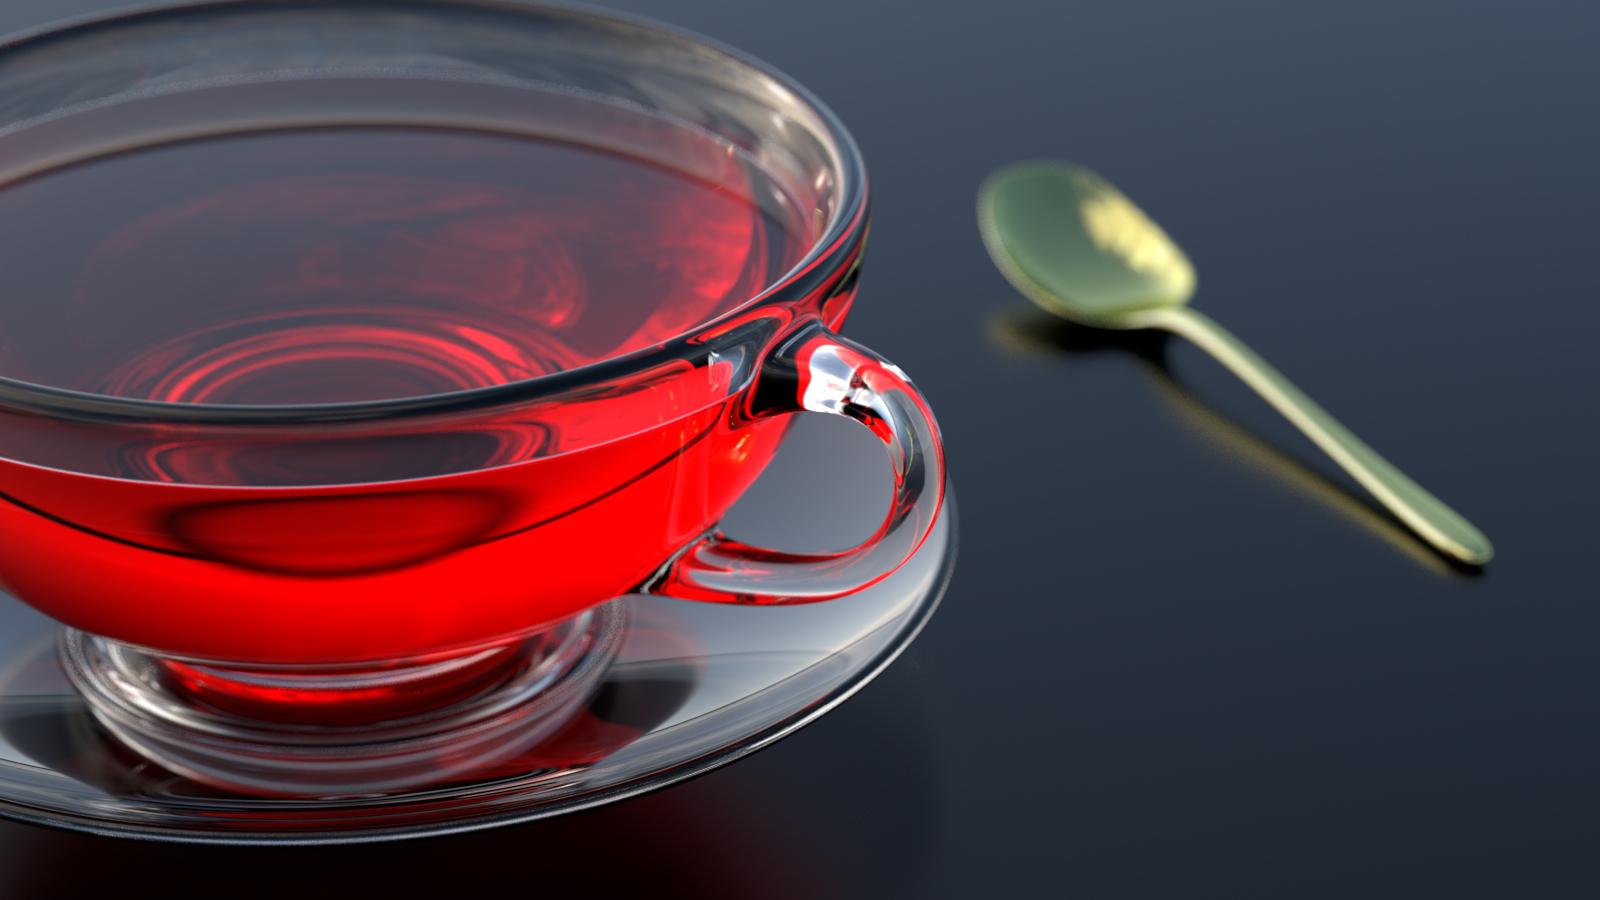 teacup_main